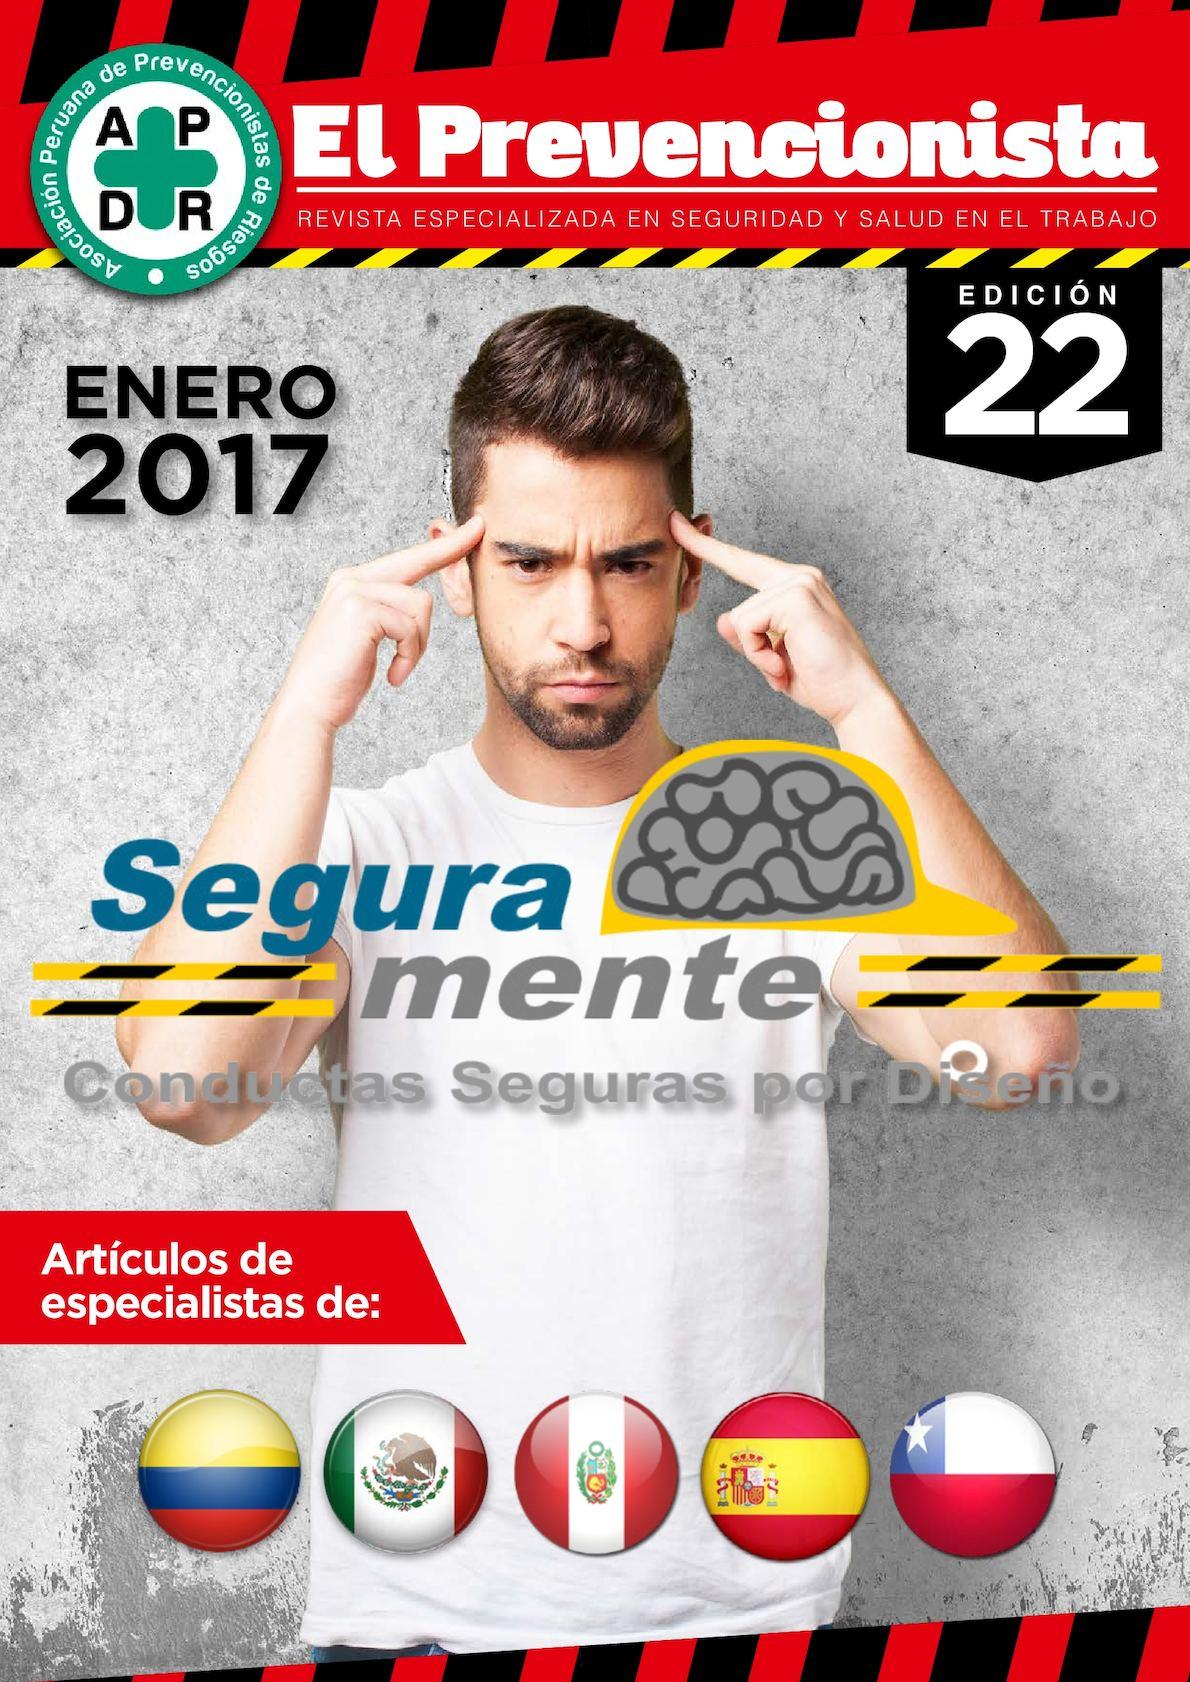 Revista El Prevencionista 22ava edición